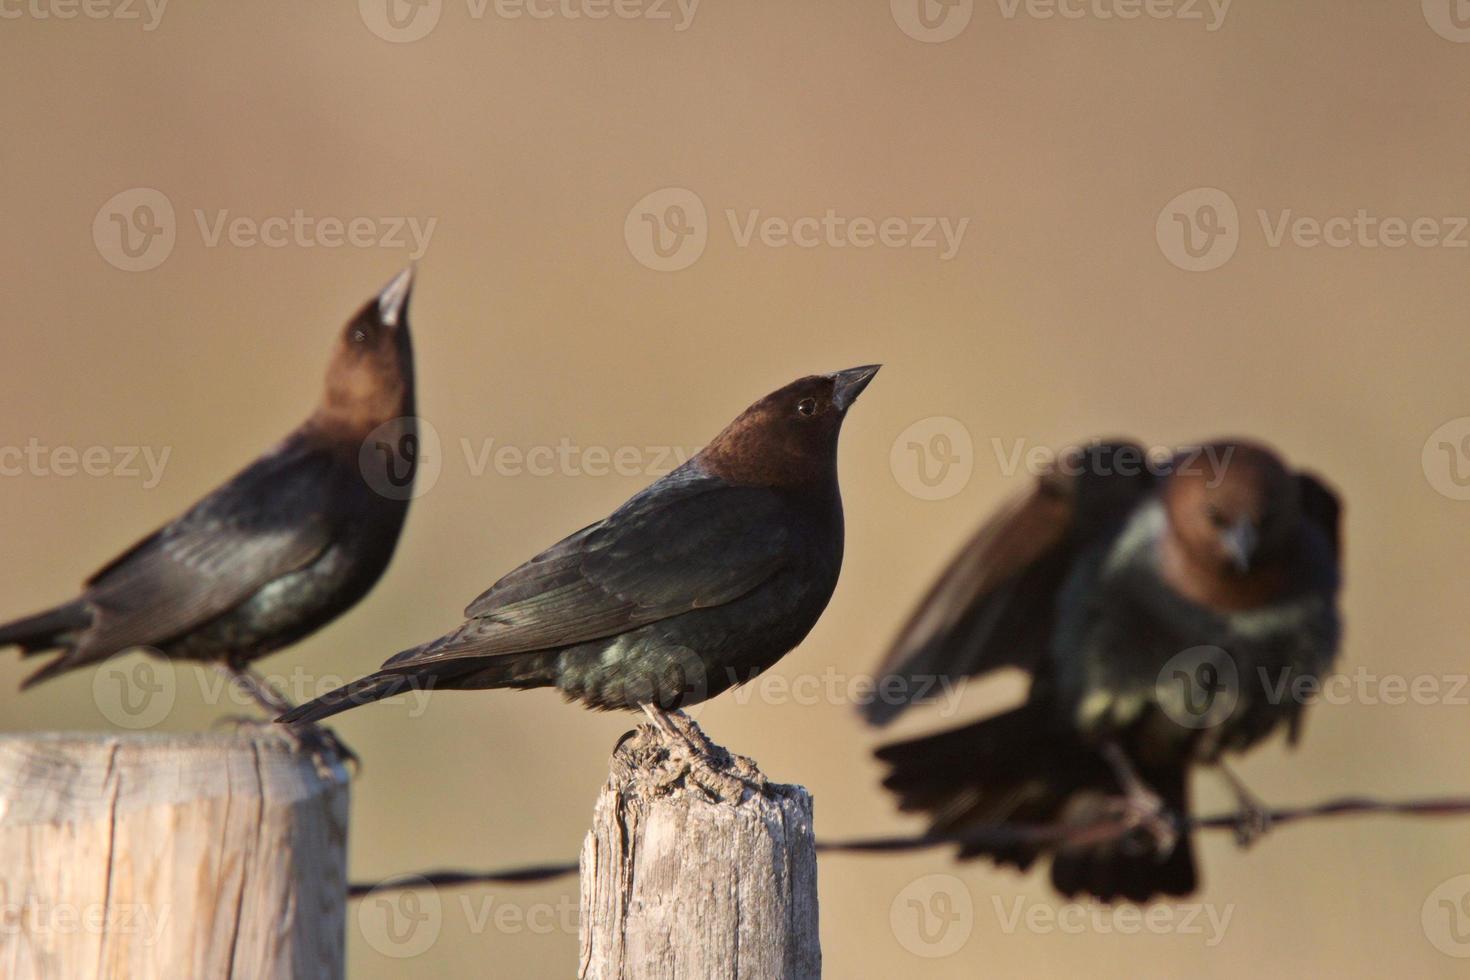 Cowbirds à tête brune mâle rassemblement photo